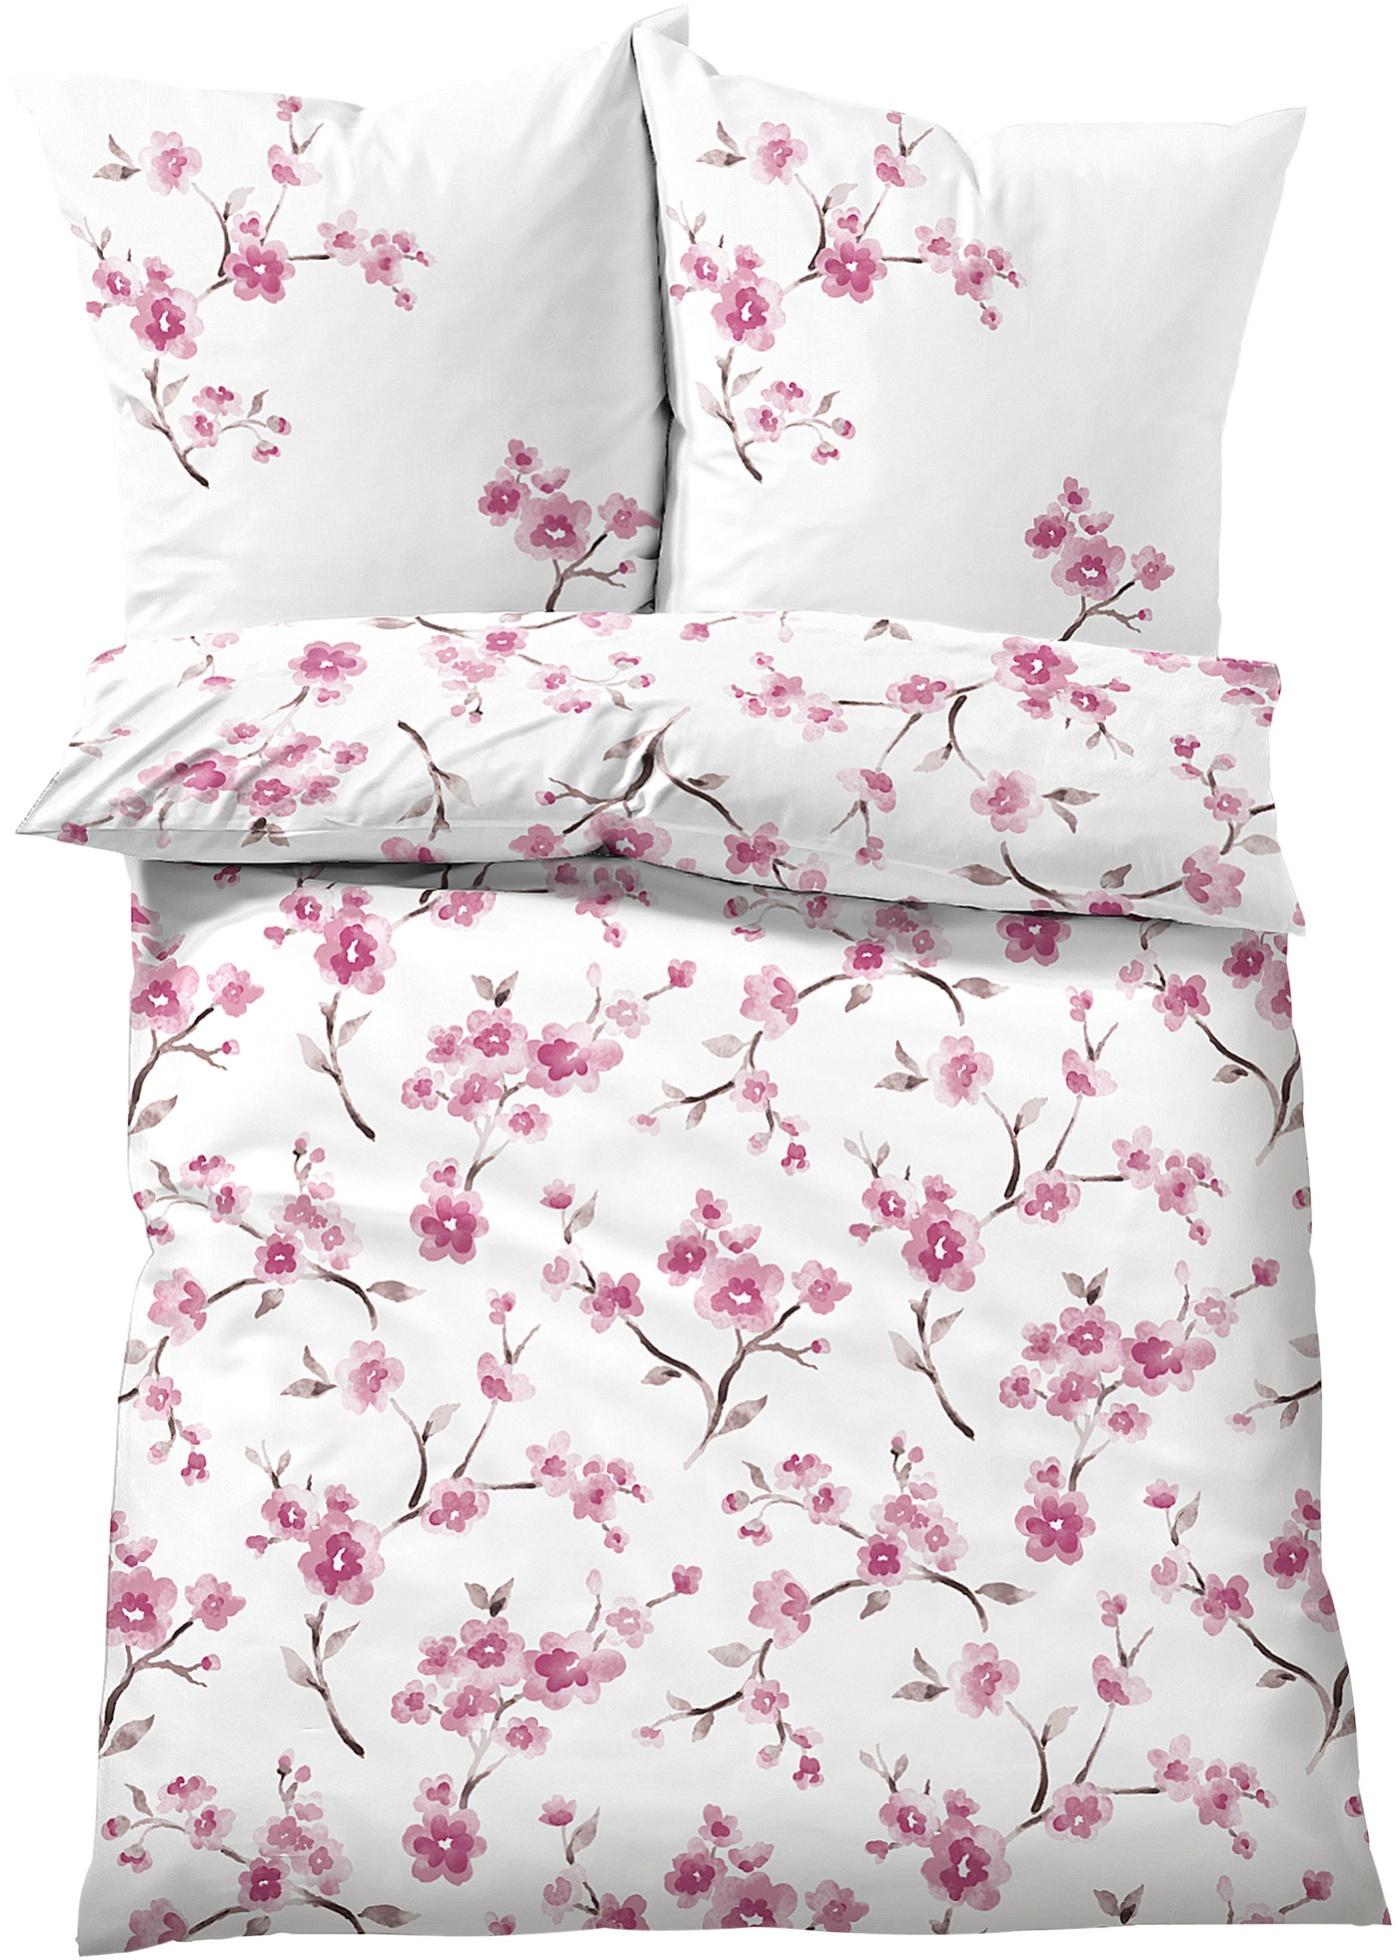 Biancheria da letto con fiori di ciliegio (rosa) - bpc living bonprix collection